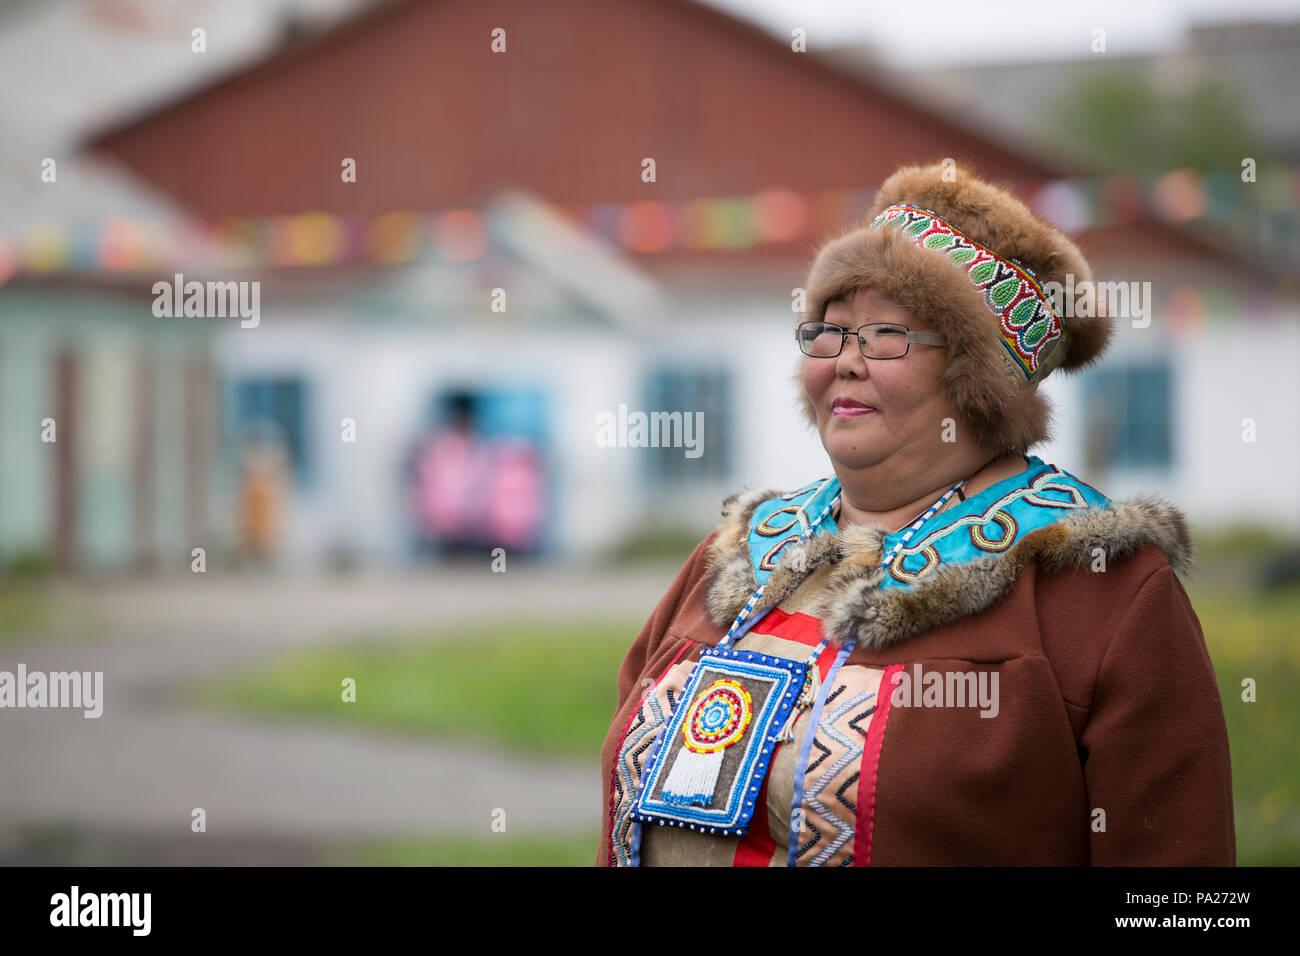 Mujer en traje tradicional, la ciudad de Okhotsk, Rusia Imagen De Stock